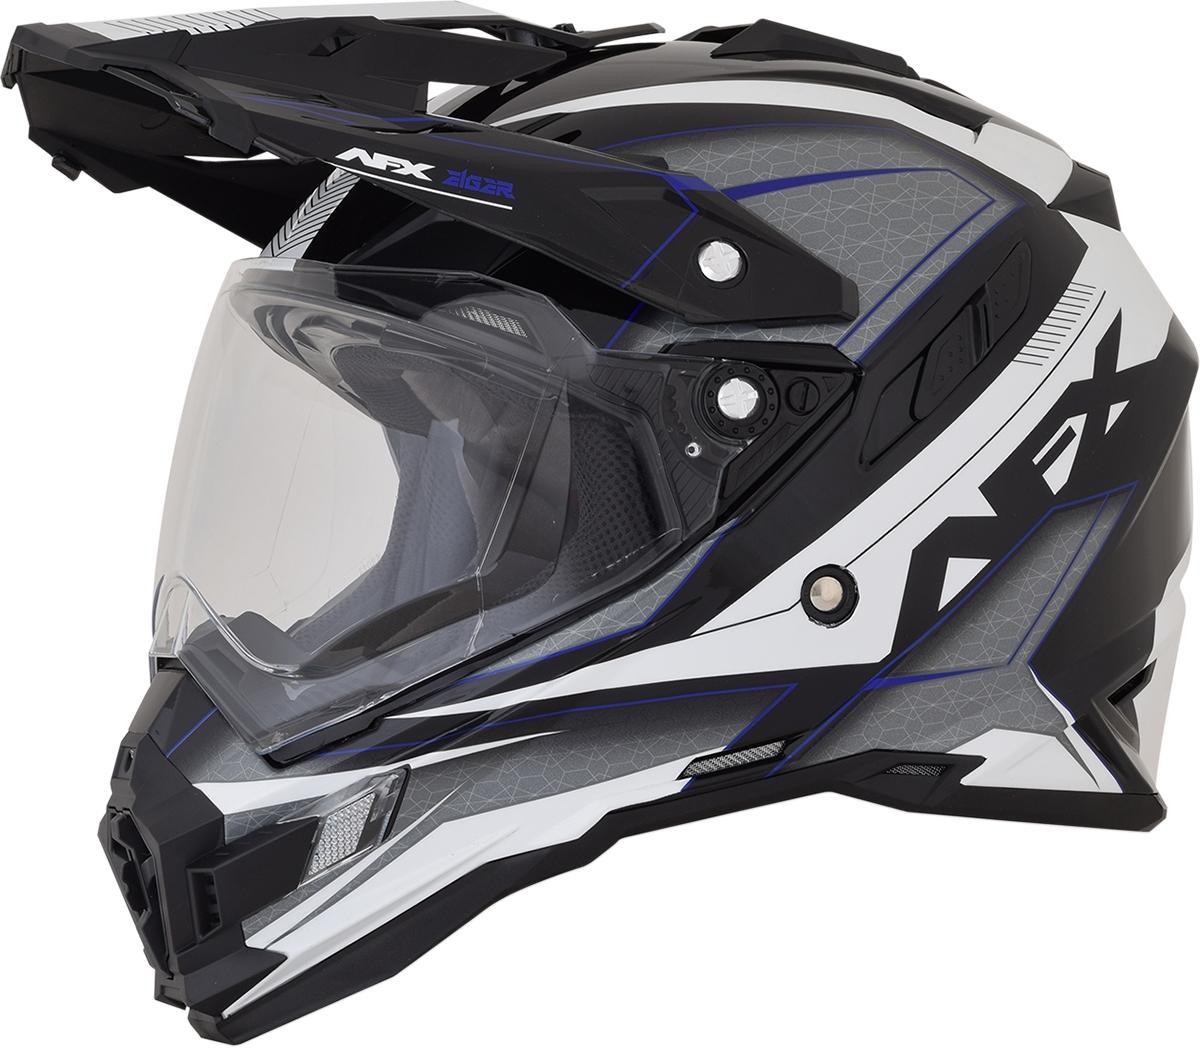 AFX FX41 Dual-Sport Helmet Eiger Graphic